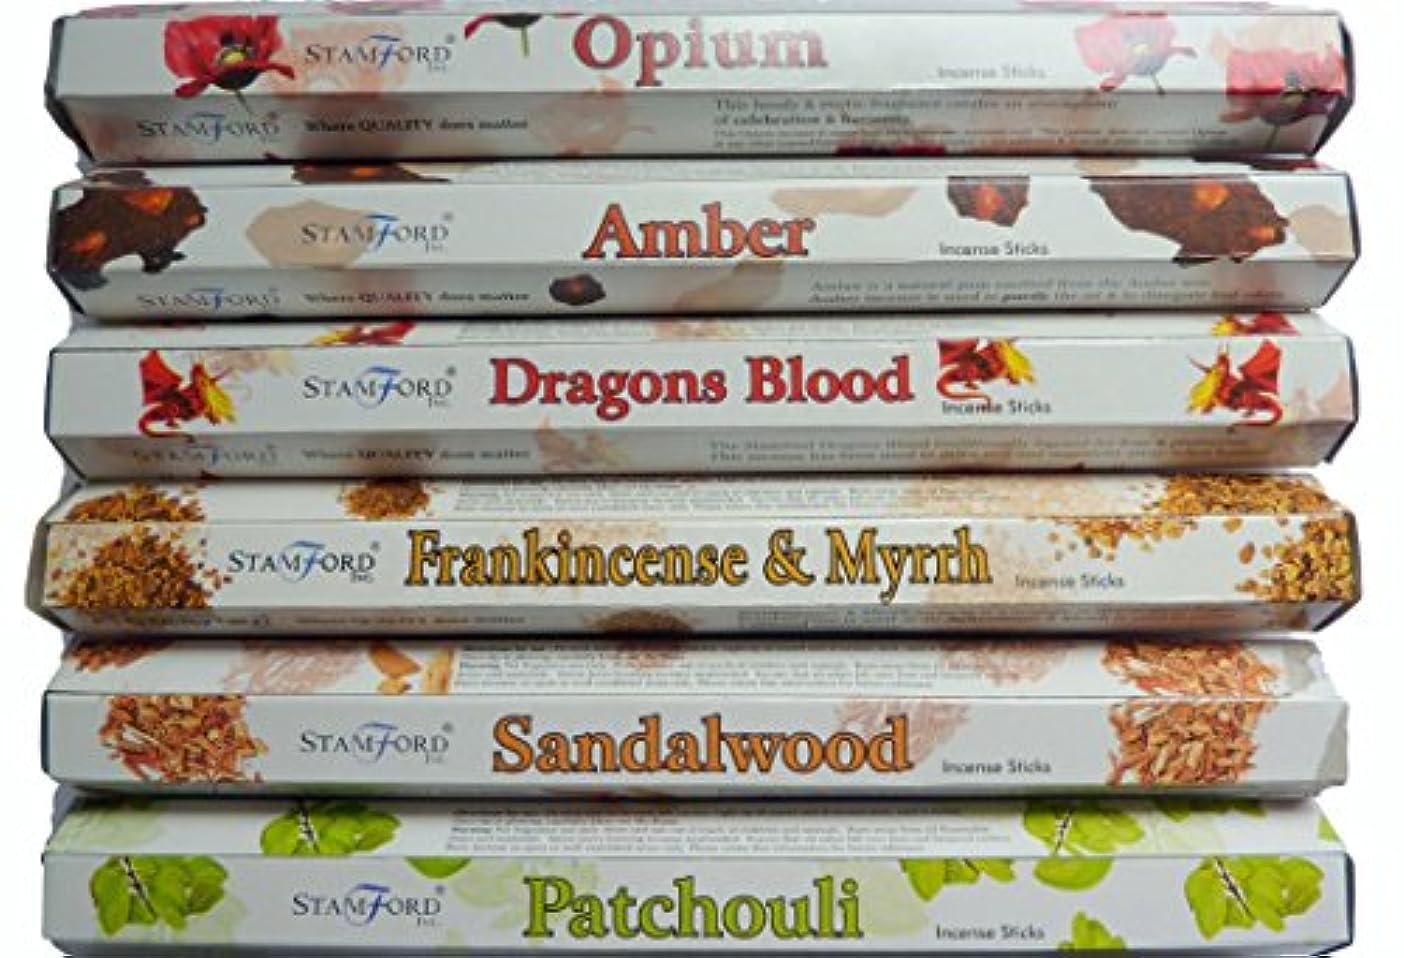 横たわる迫害する関係するStamford Hex範囲Incense Sticks – Opium、アンバー、ドラゴンブラッド、Frankincense & Myrrh、サンダルウッド&パチョリ20 Sticks per fragrance ( 120 Sticks )